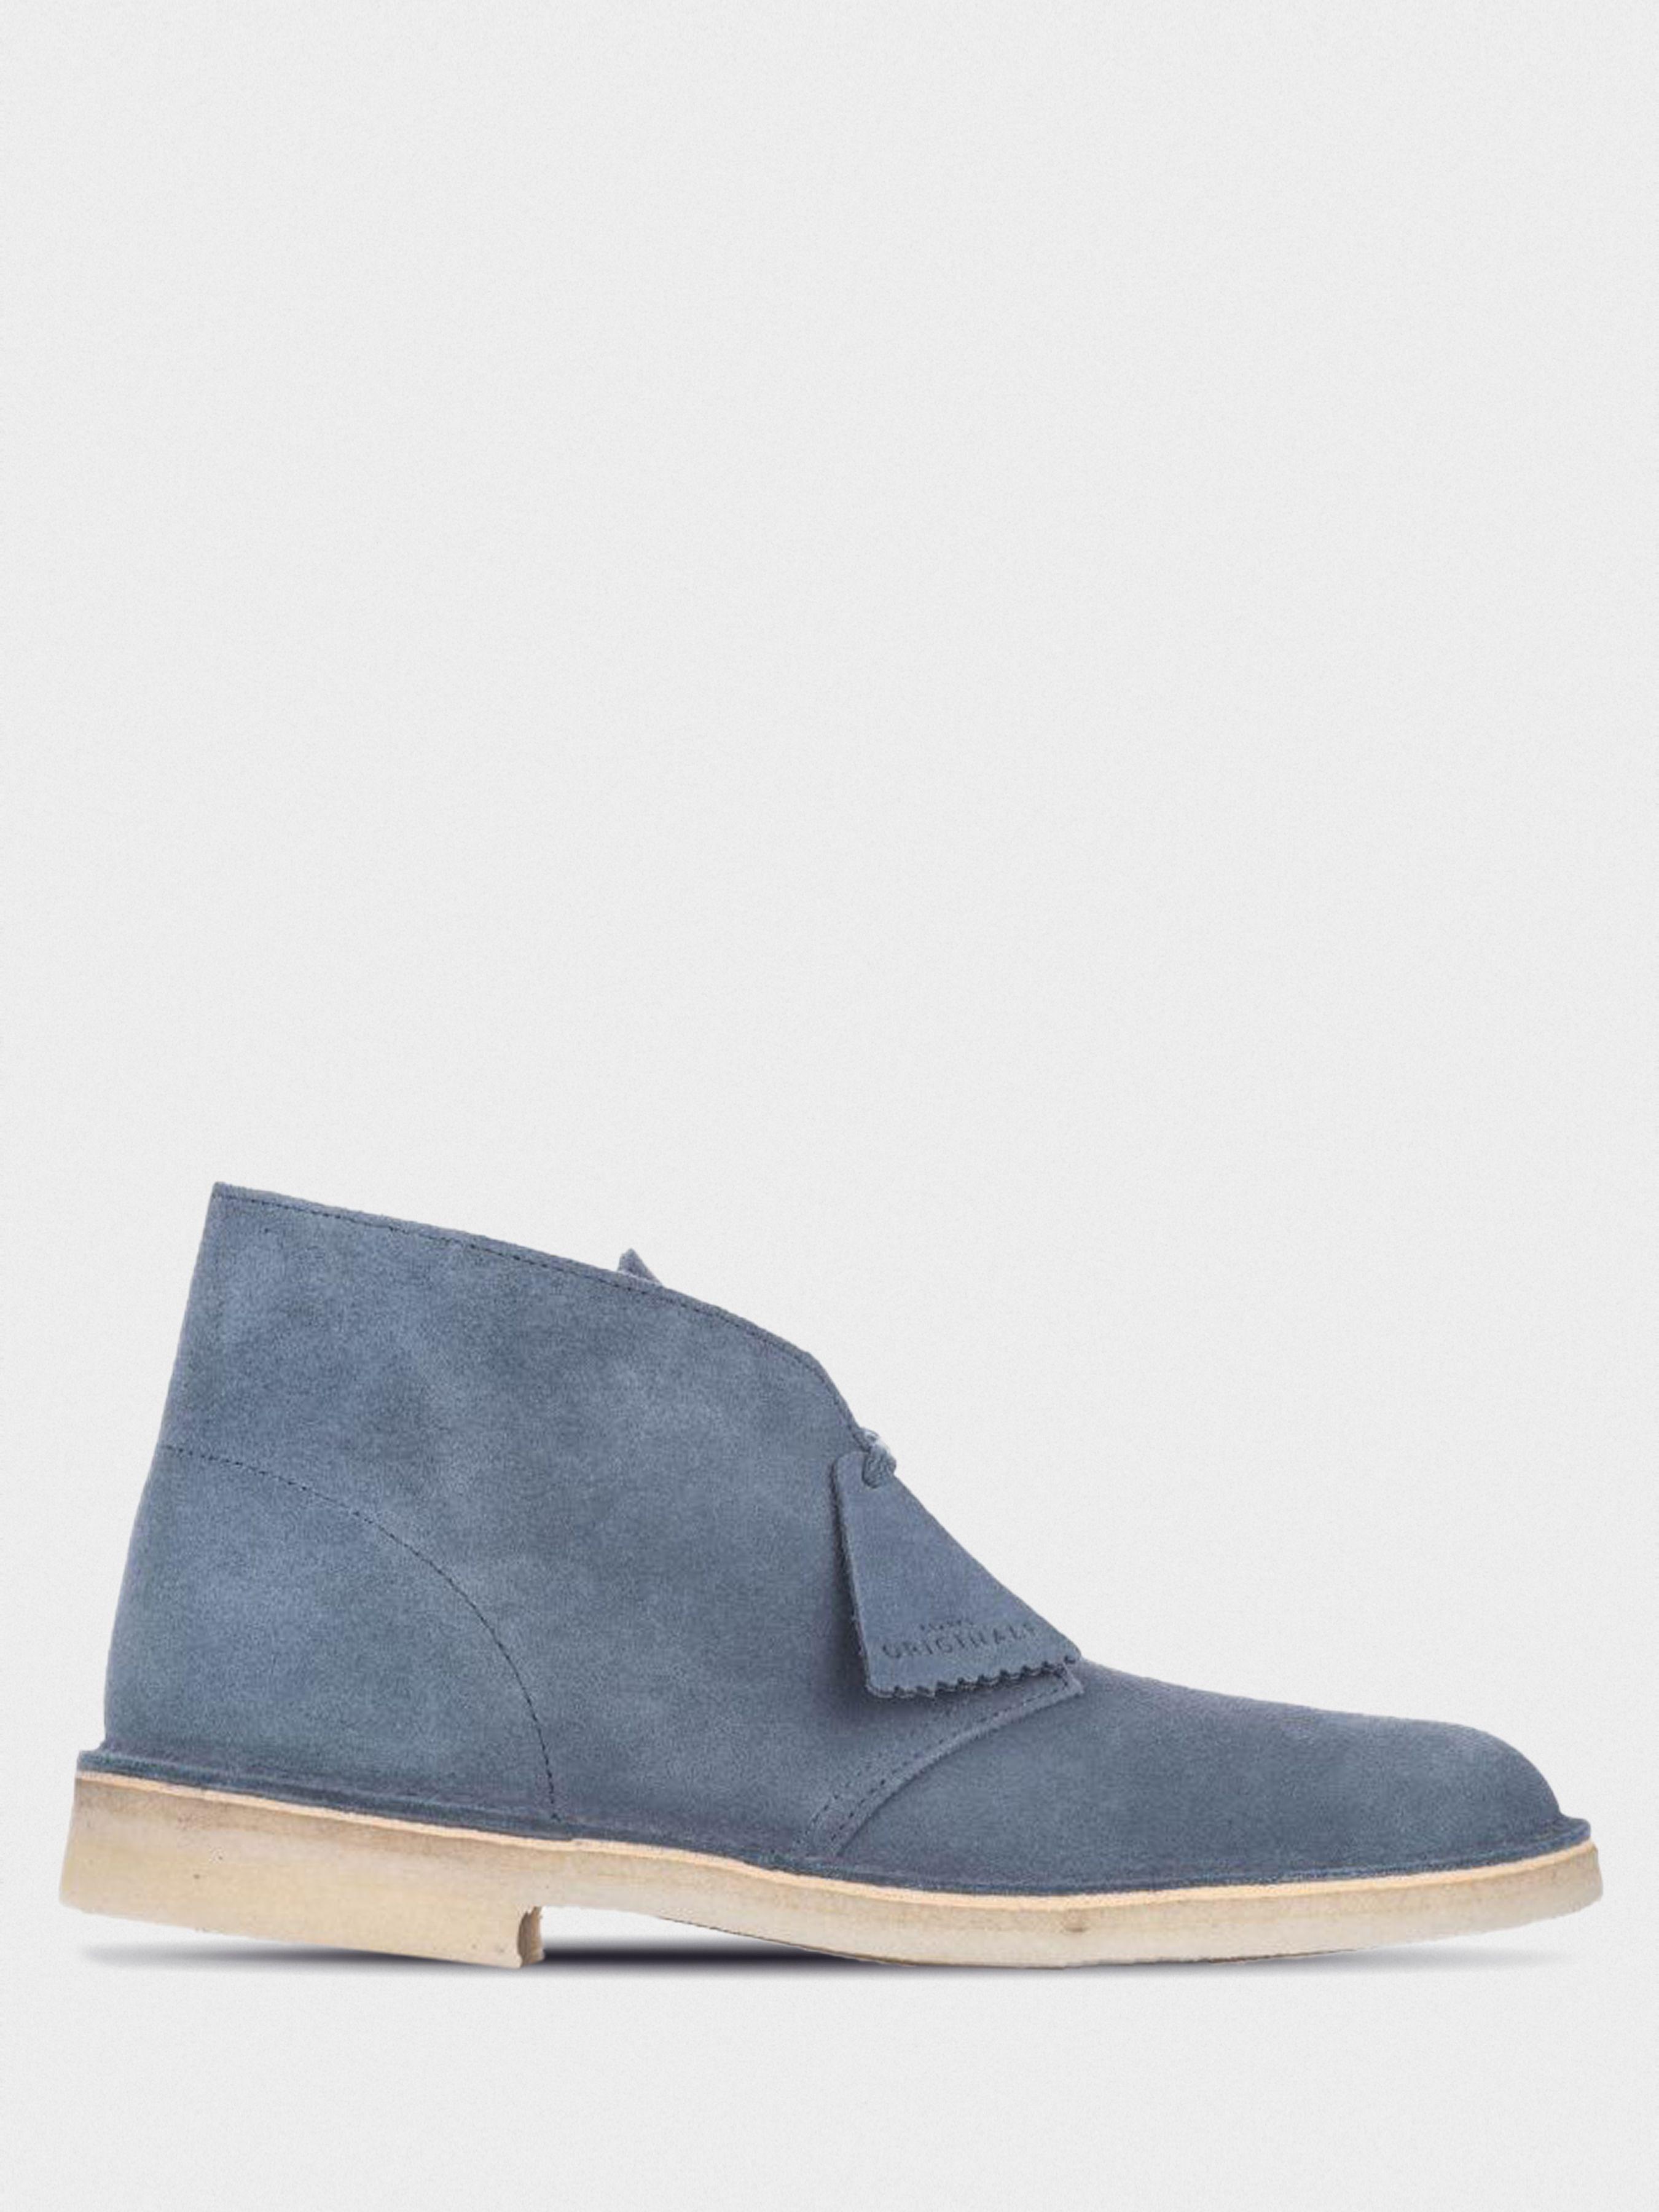 Ботинки для мужчин Clarks Desert Boot OM2986 Заказать, 2017